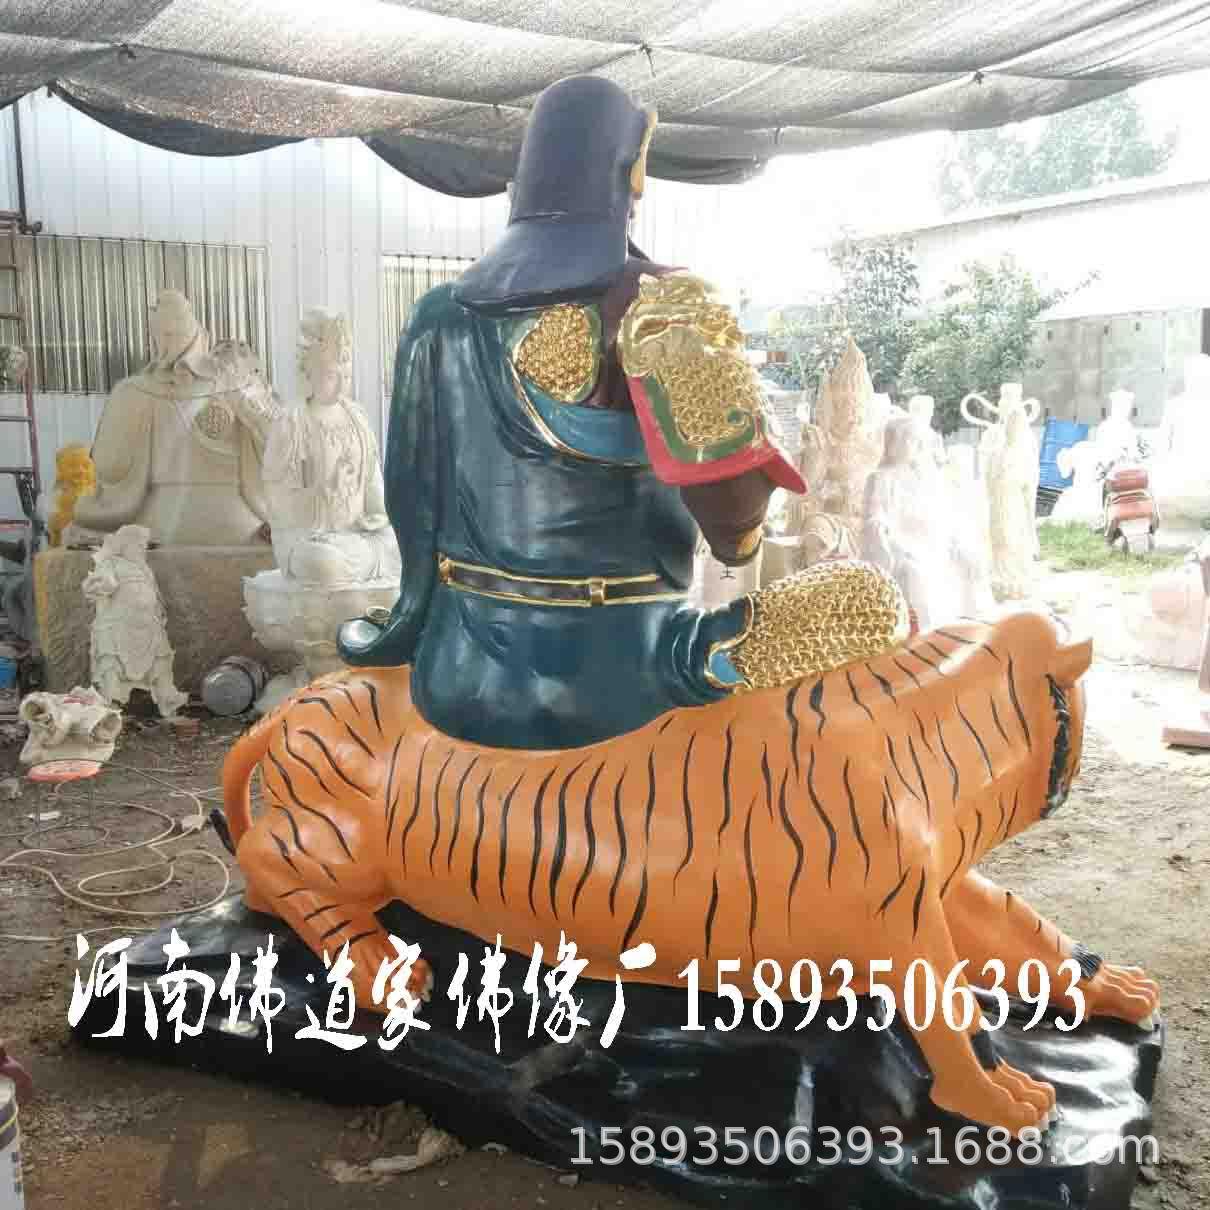 河南佛像厂批发定做 武财神 骑虎赵公明 树脂彩绘赵公明黑虎神像示例图3